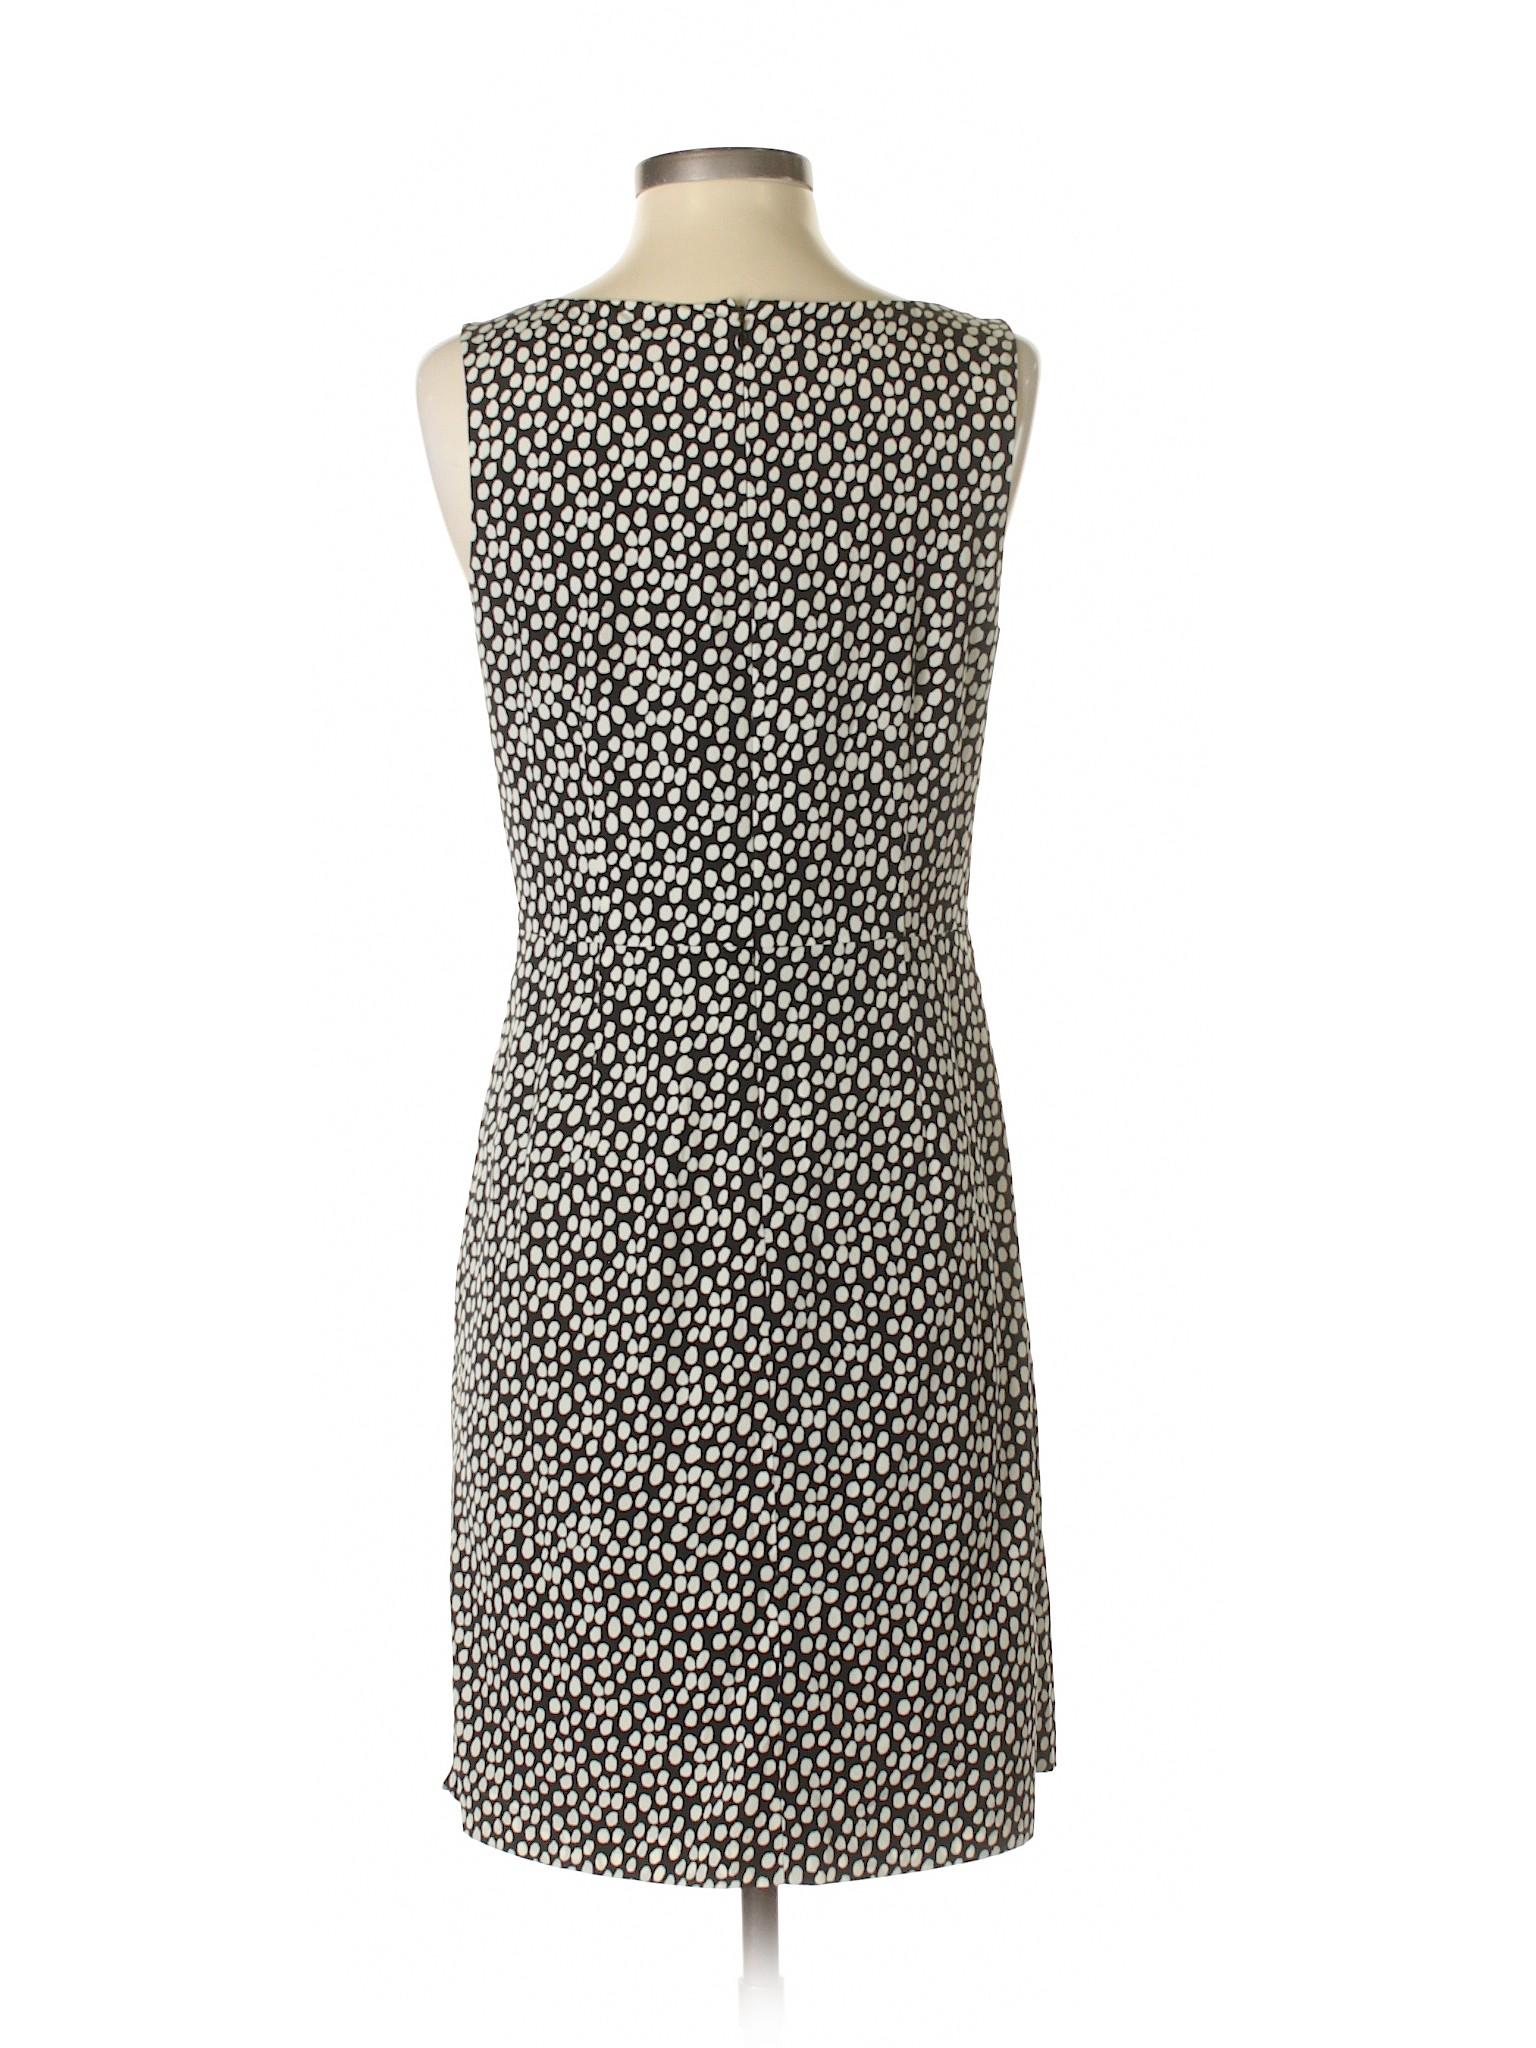 Taylor Casual Ann Boutique Winter Dress Loft OwEa6qaIn